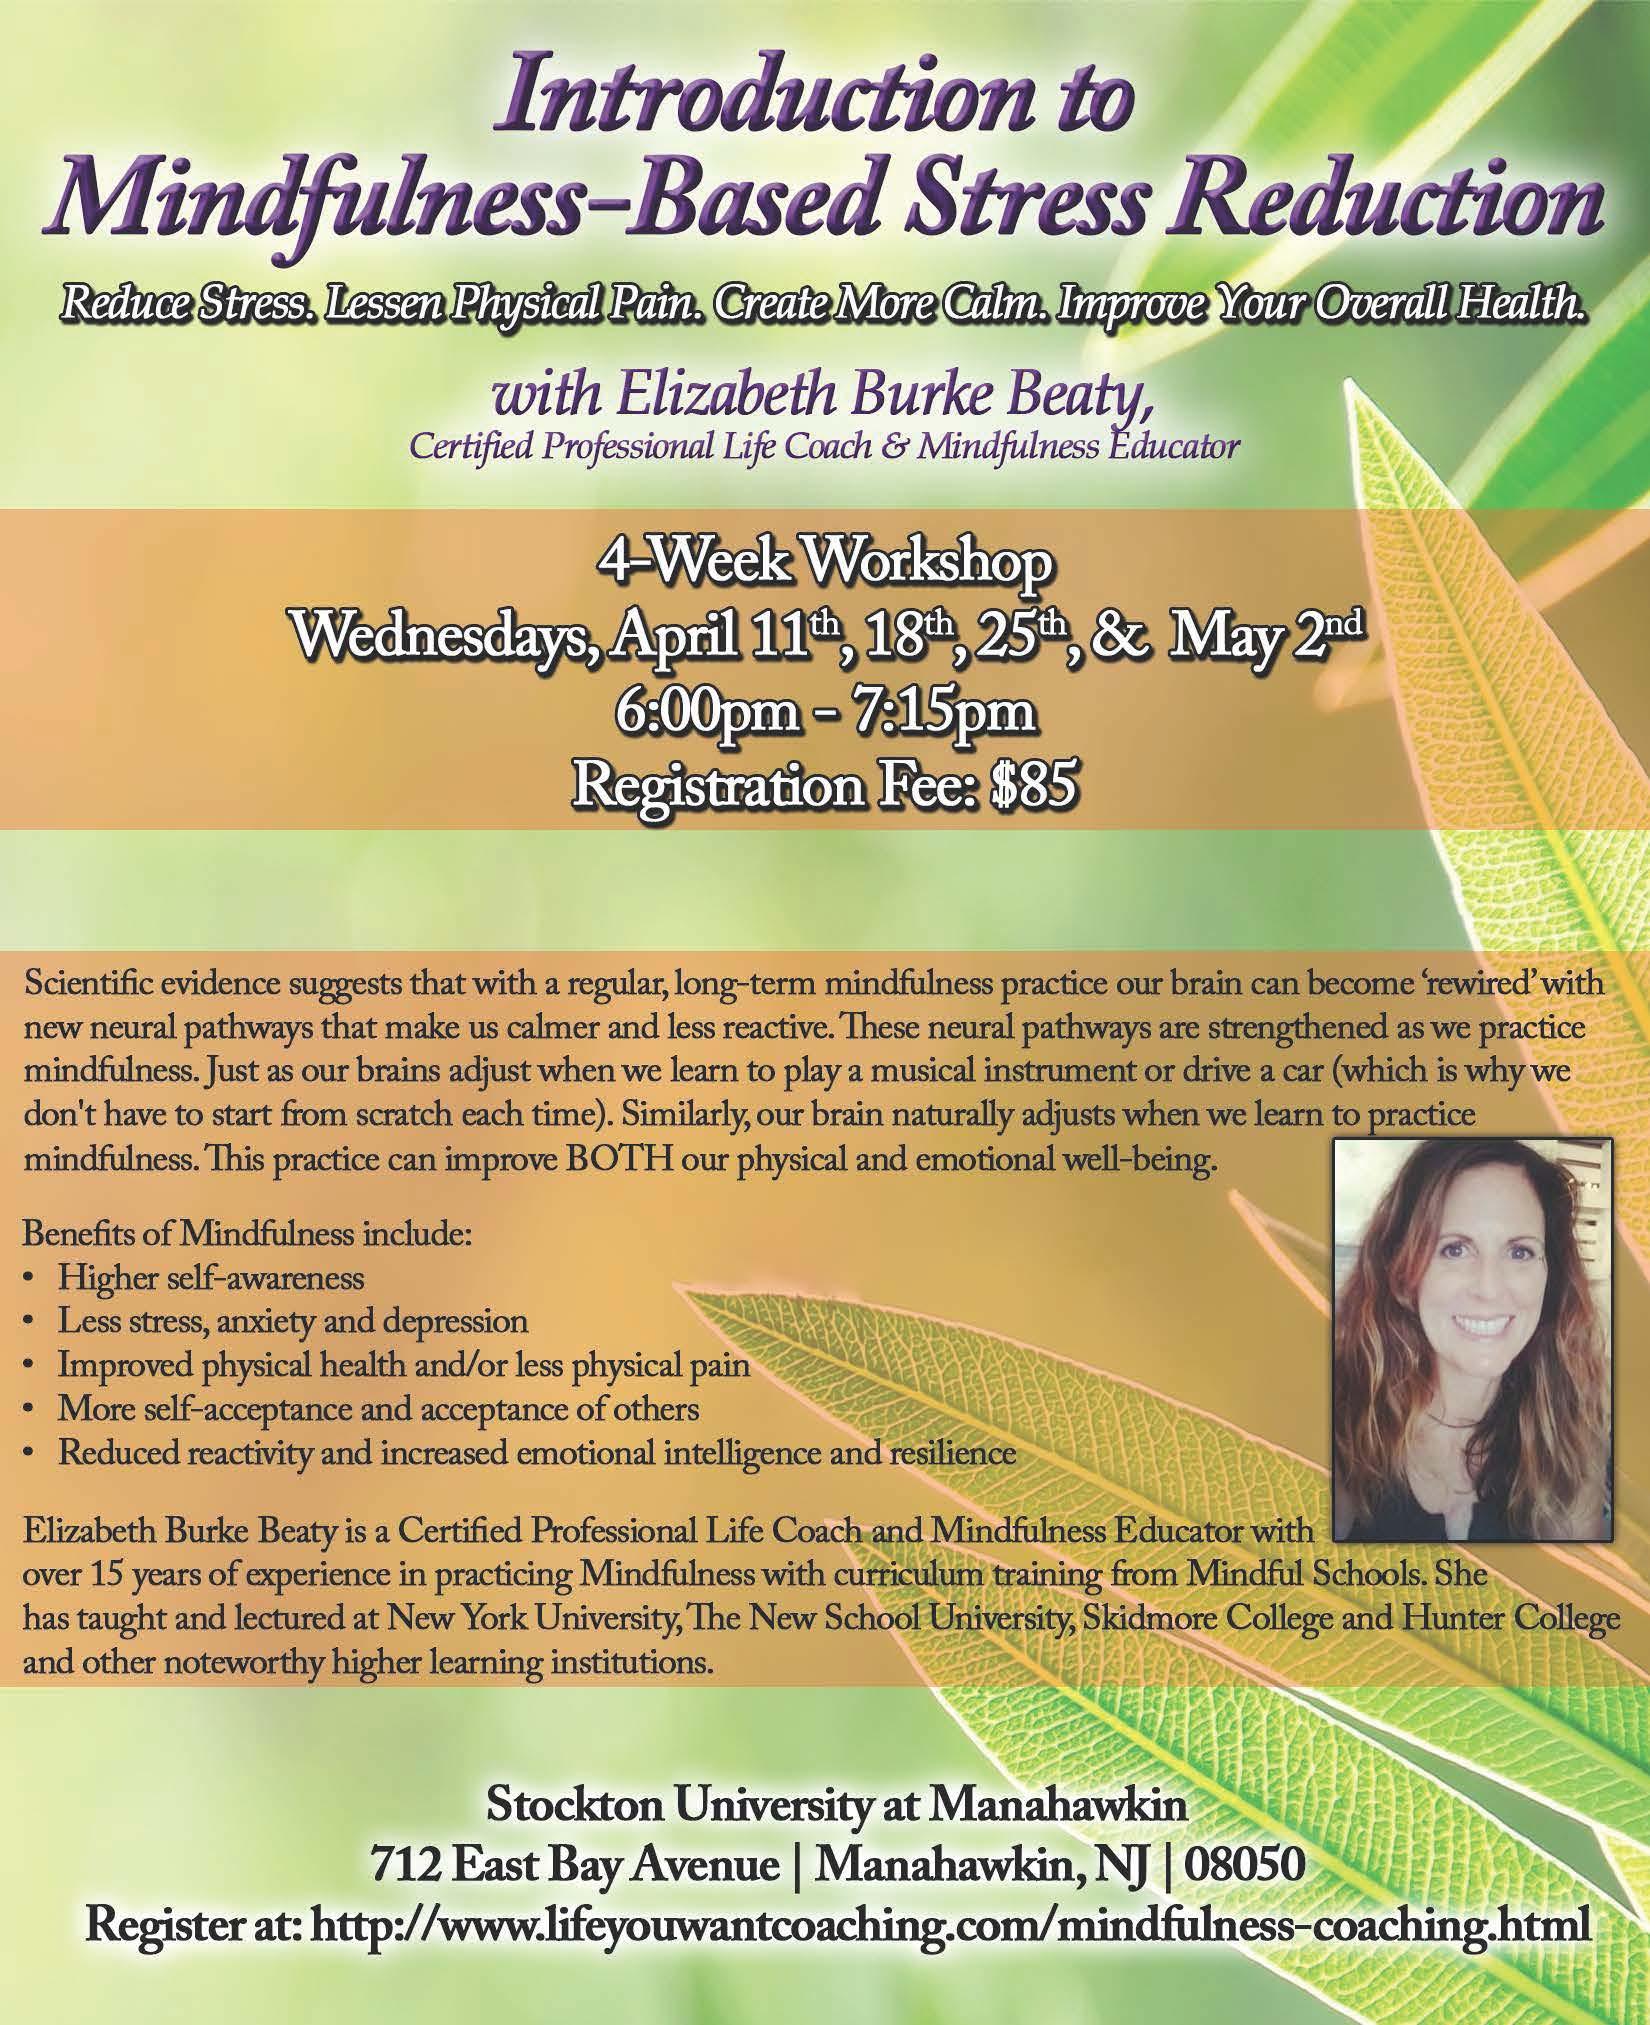 Mindfulness Based Stress Reduction Events Stockton University